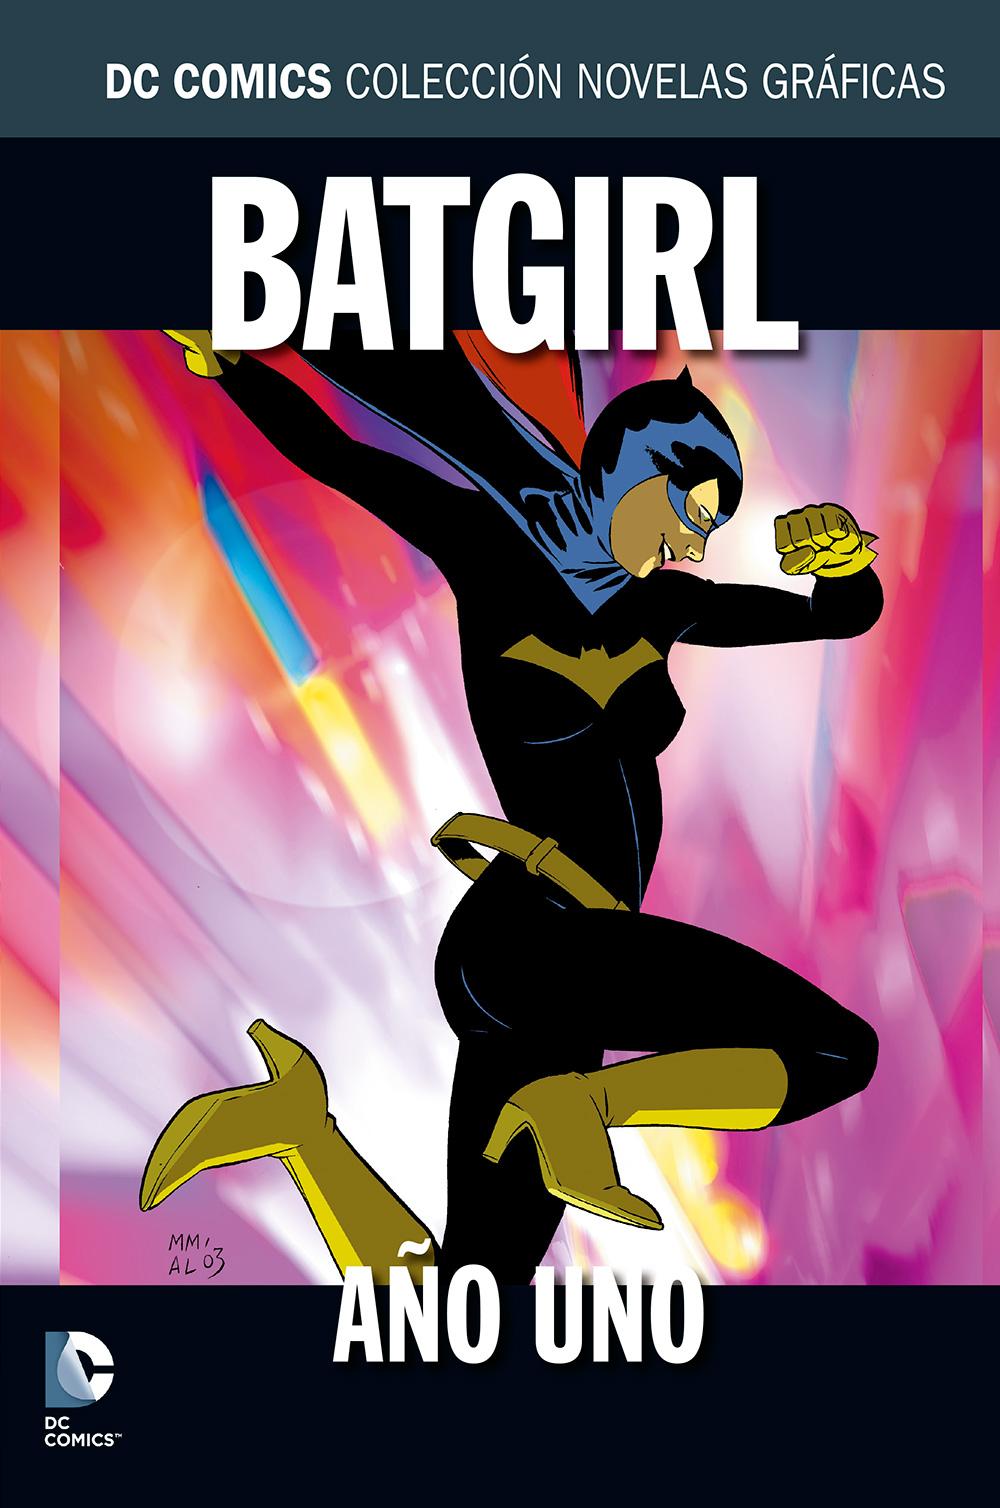 664-665 - [DC - Salvat] La Colección de Novelas Gráficas de DC Comics  - Página 5 SF118_037_01_001